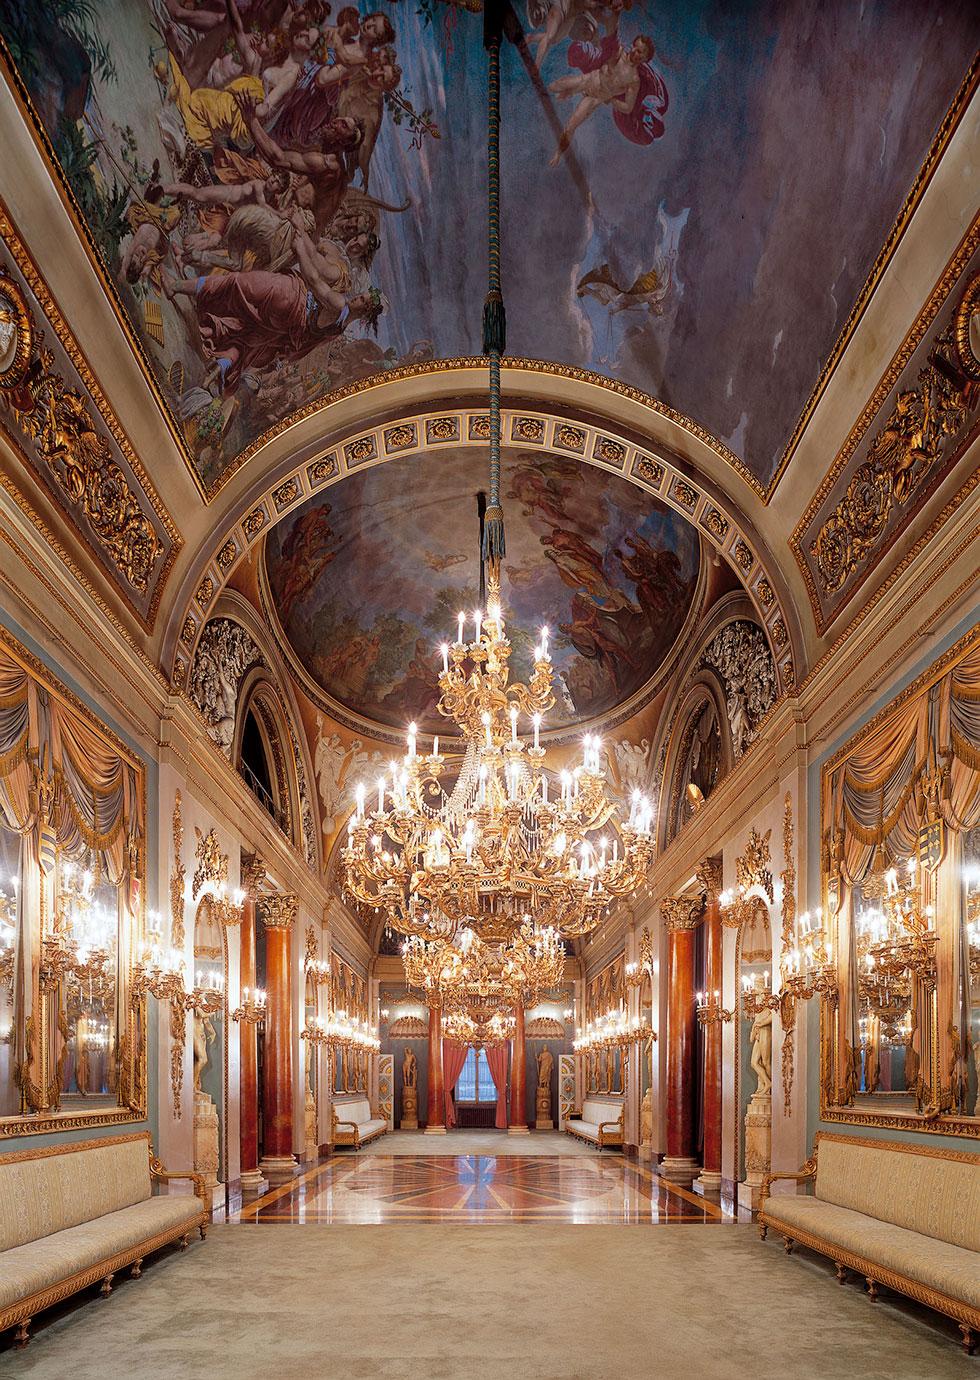 Galleria monumentale, sala da ballo, ricevimenti, cene, 200 ospiti, affreschi e lamapdari, Palazzo Borghese, location per eventi a Firenze